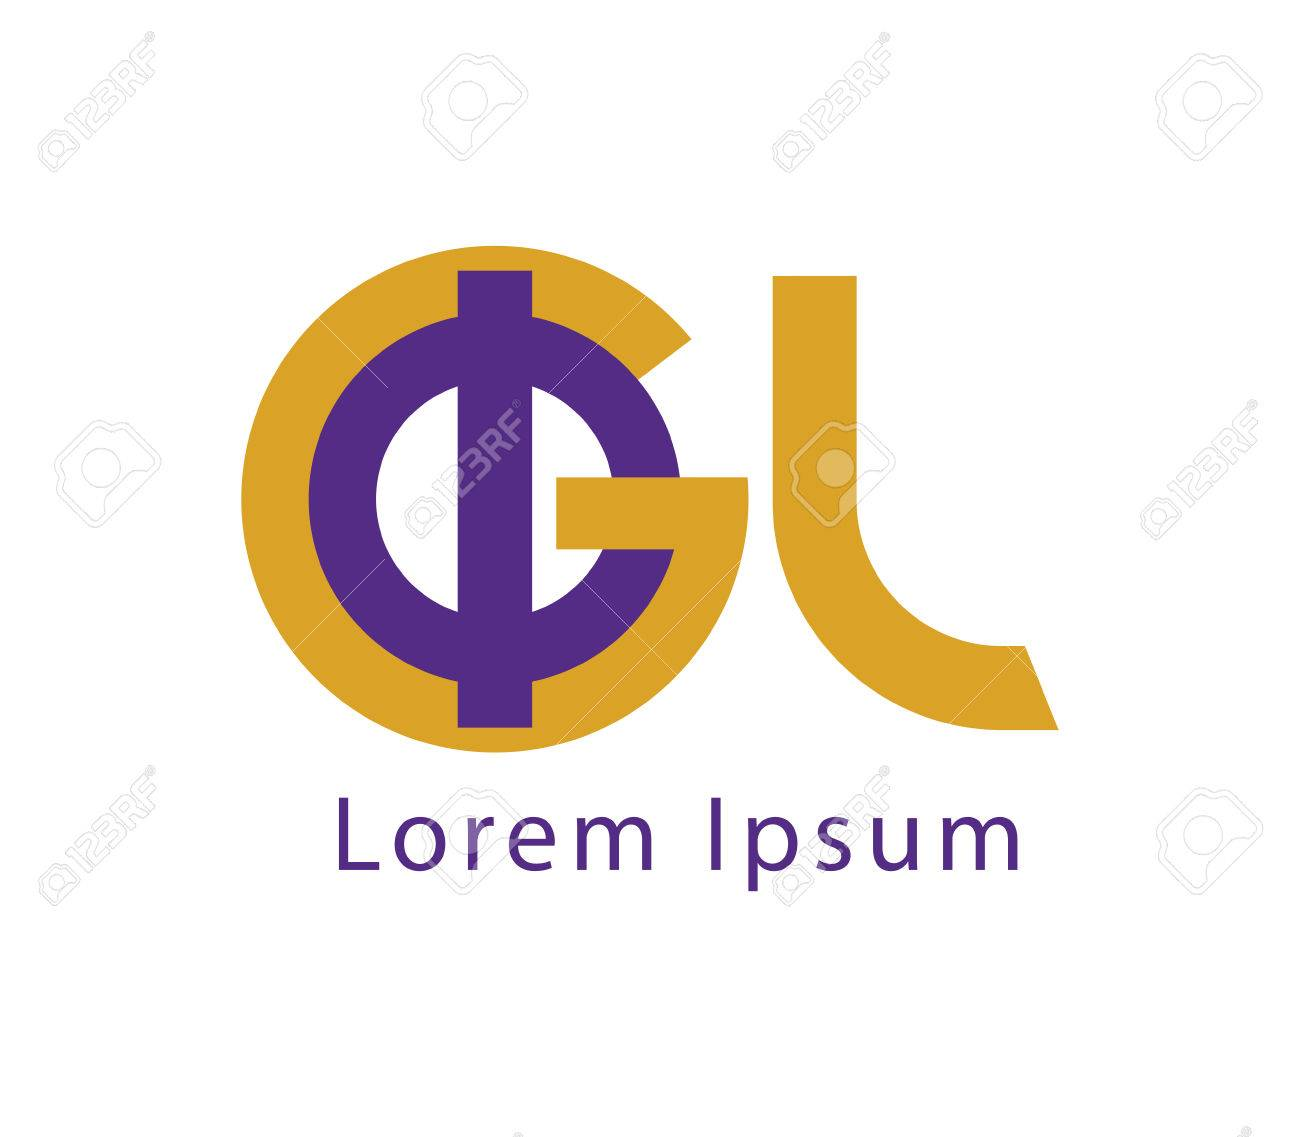 ピピと Gl ロゴデザインのコンセプトのイラスト素材ベクタ Image